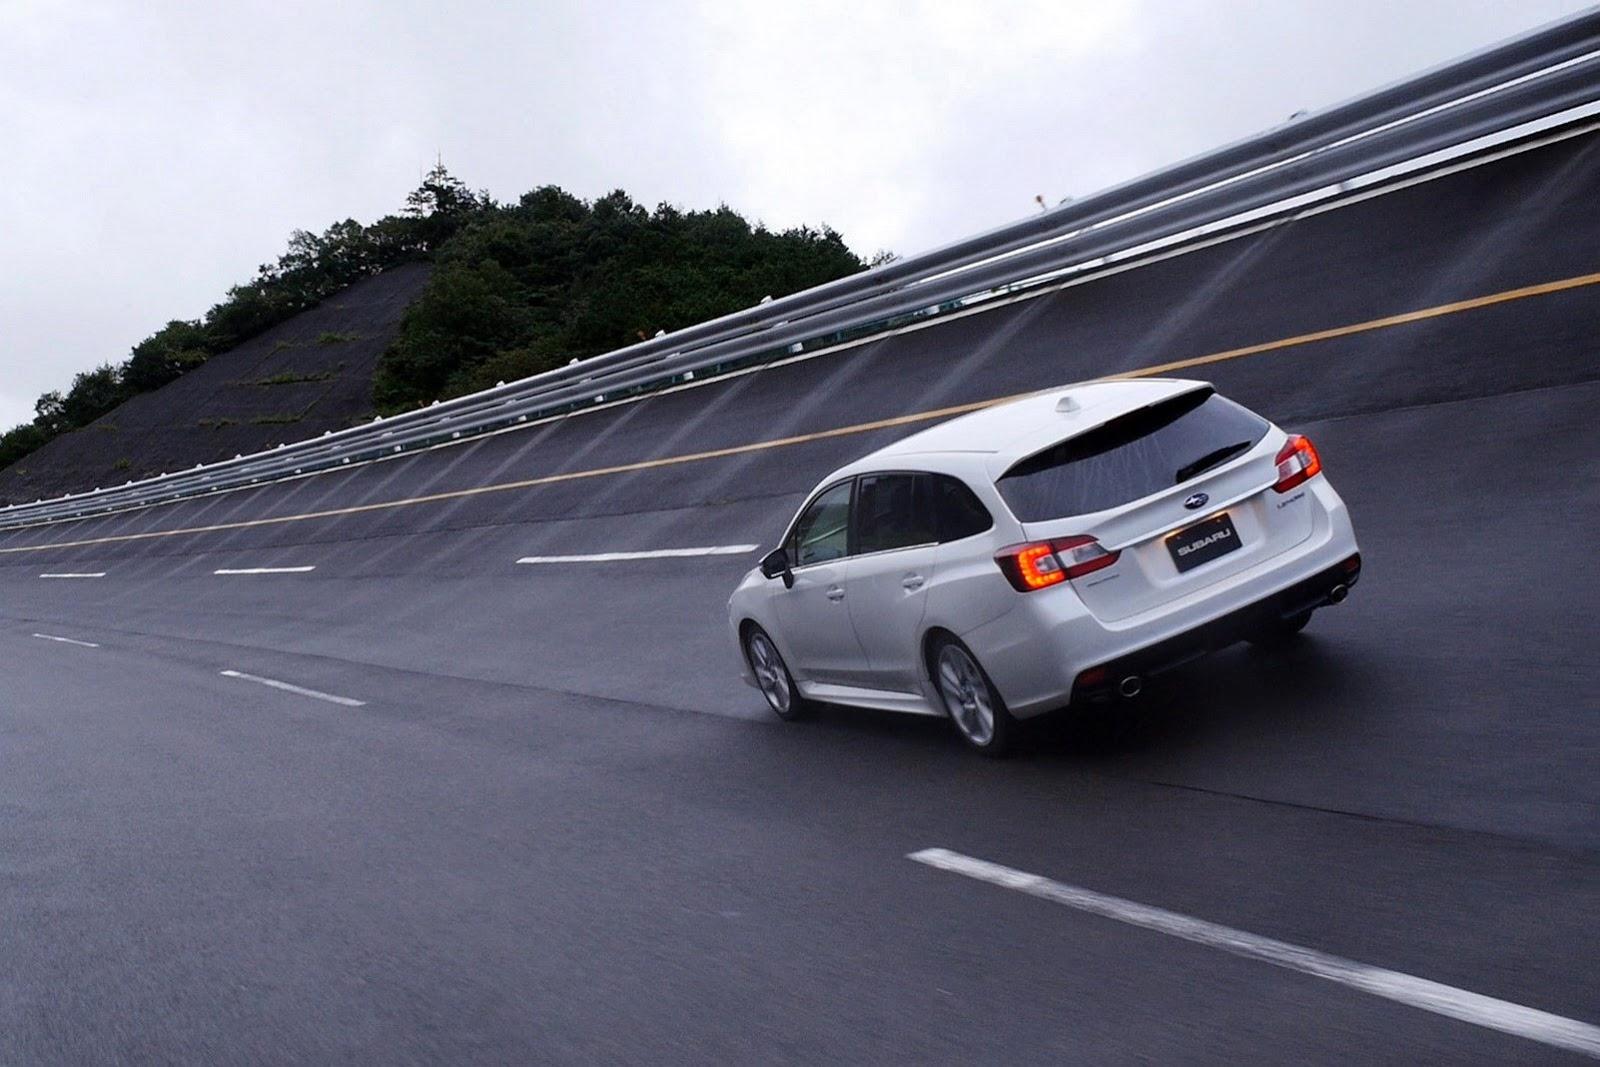 2013 - [Subaru] Levorg Subaru-Levorg-Concept-30%25255B2%25255D